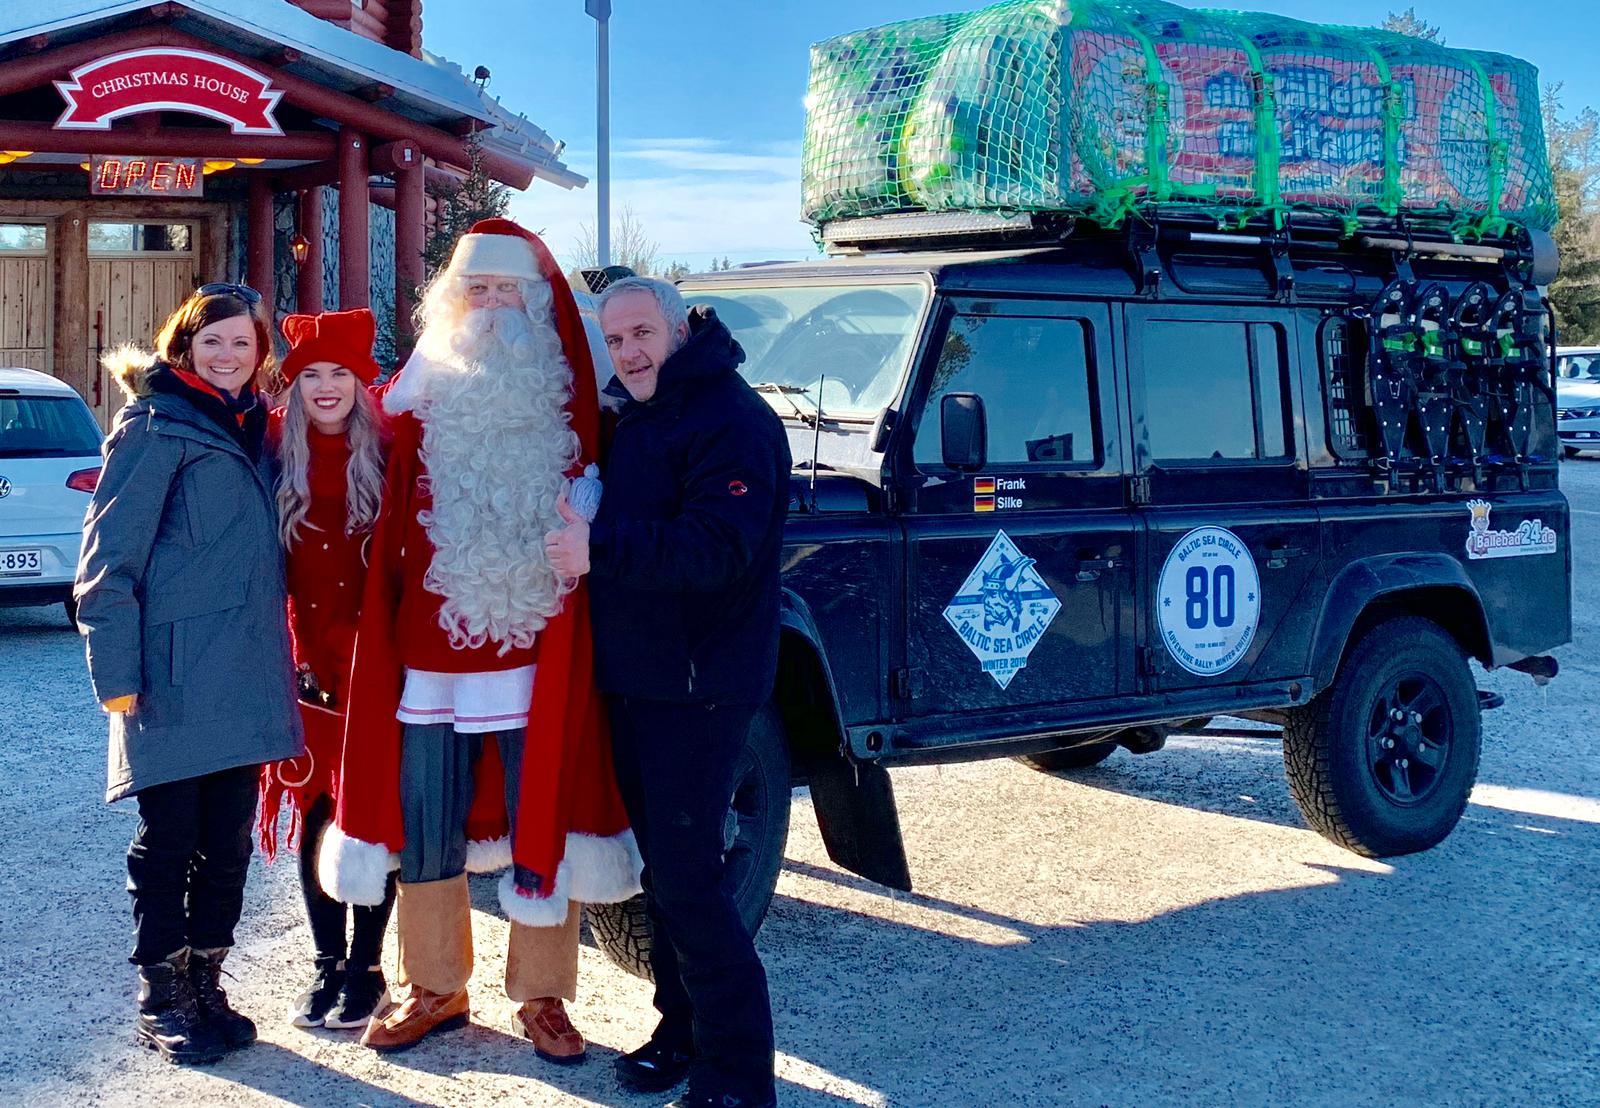 Team Bällebad bei Baltic Sea Circle Winter 2019 - Beim Weihnachtsmann 2